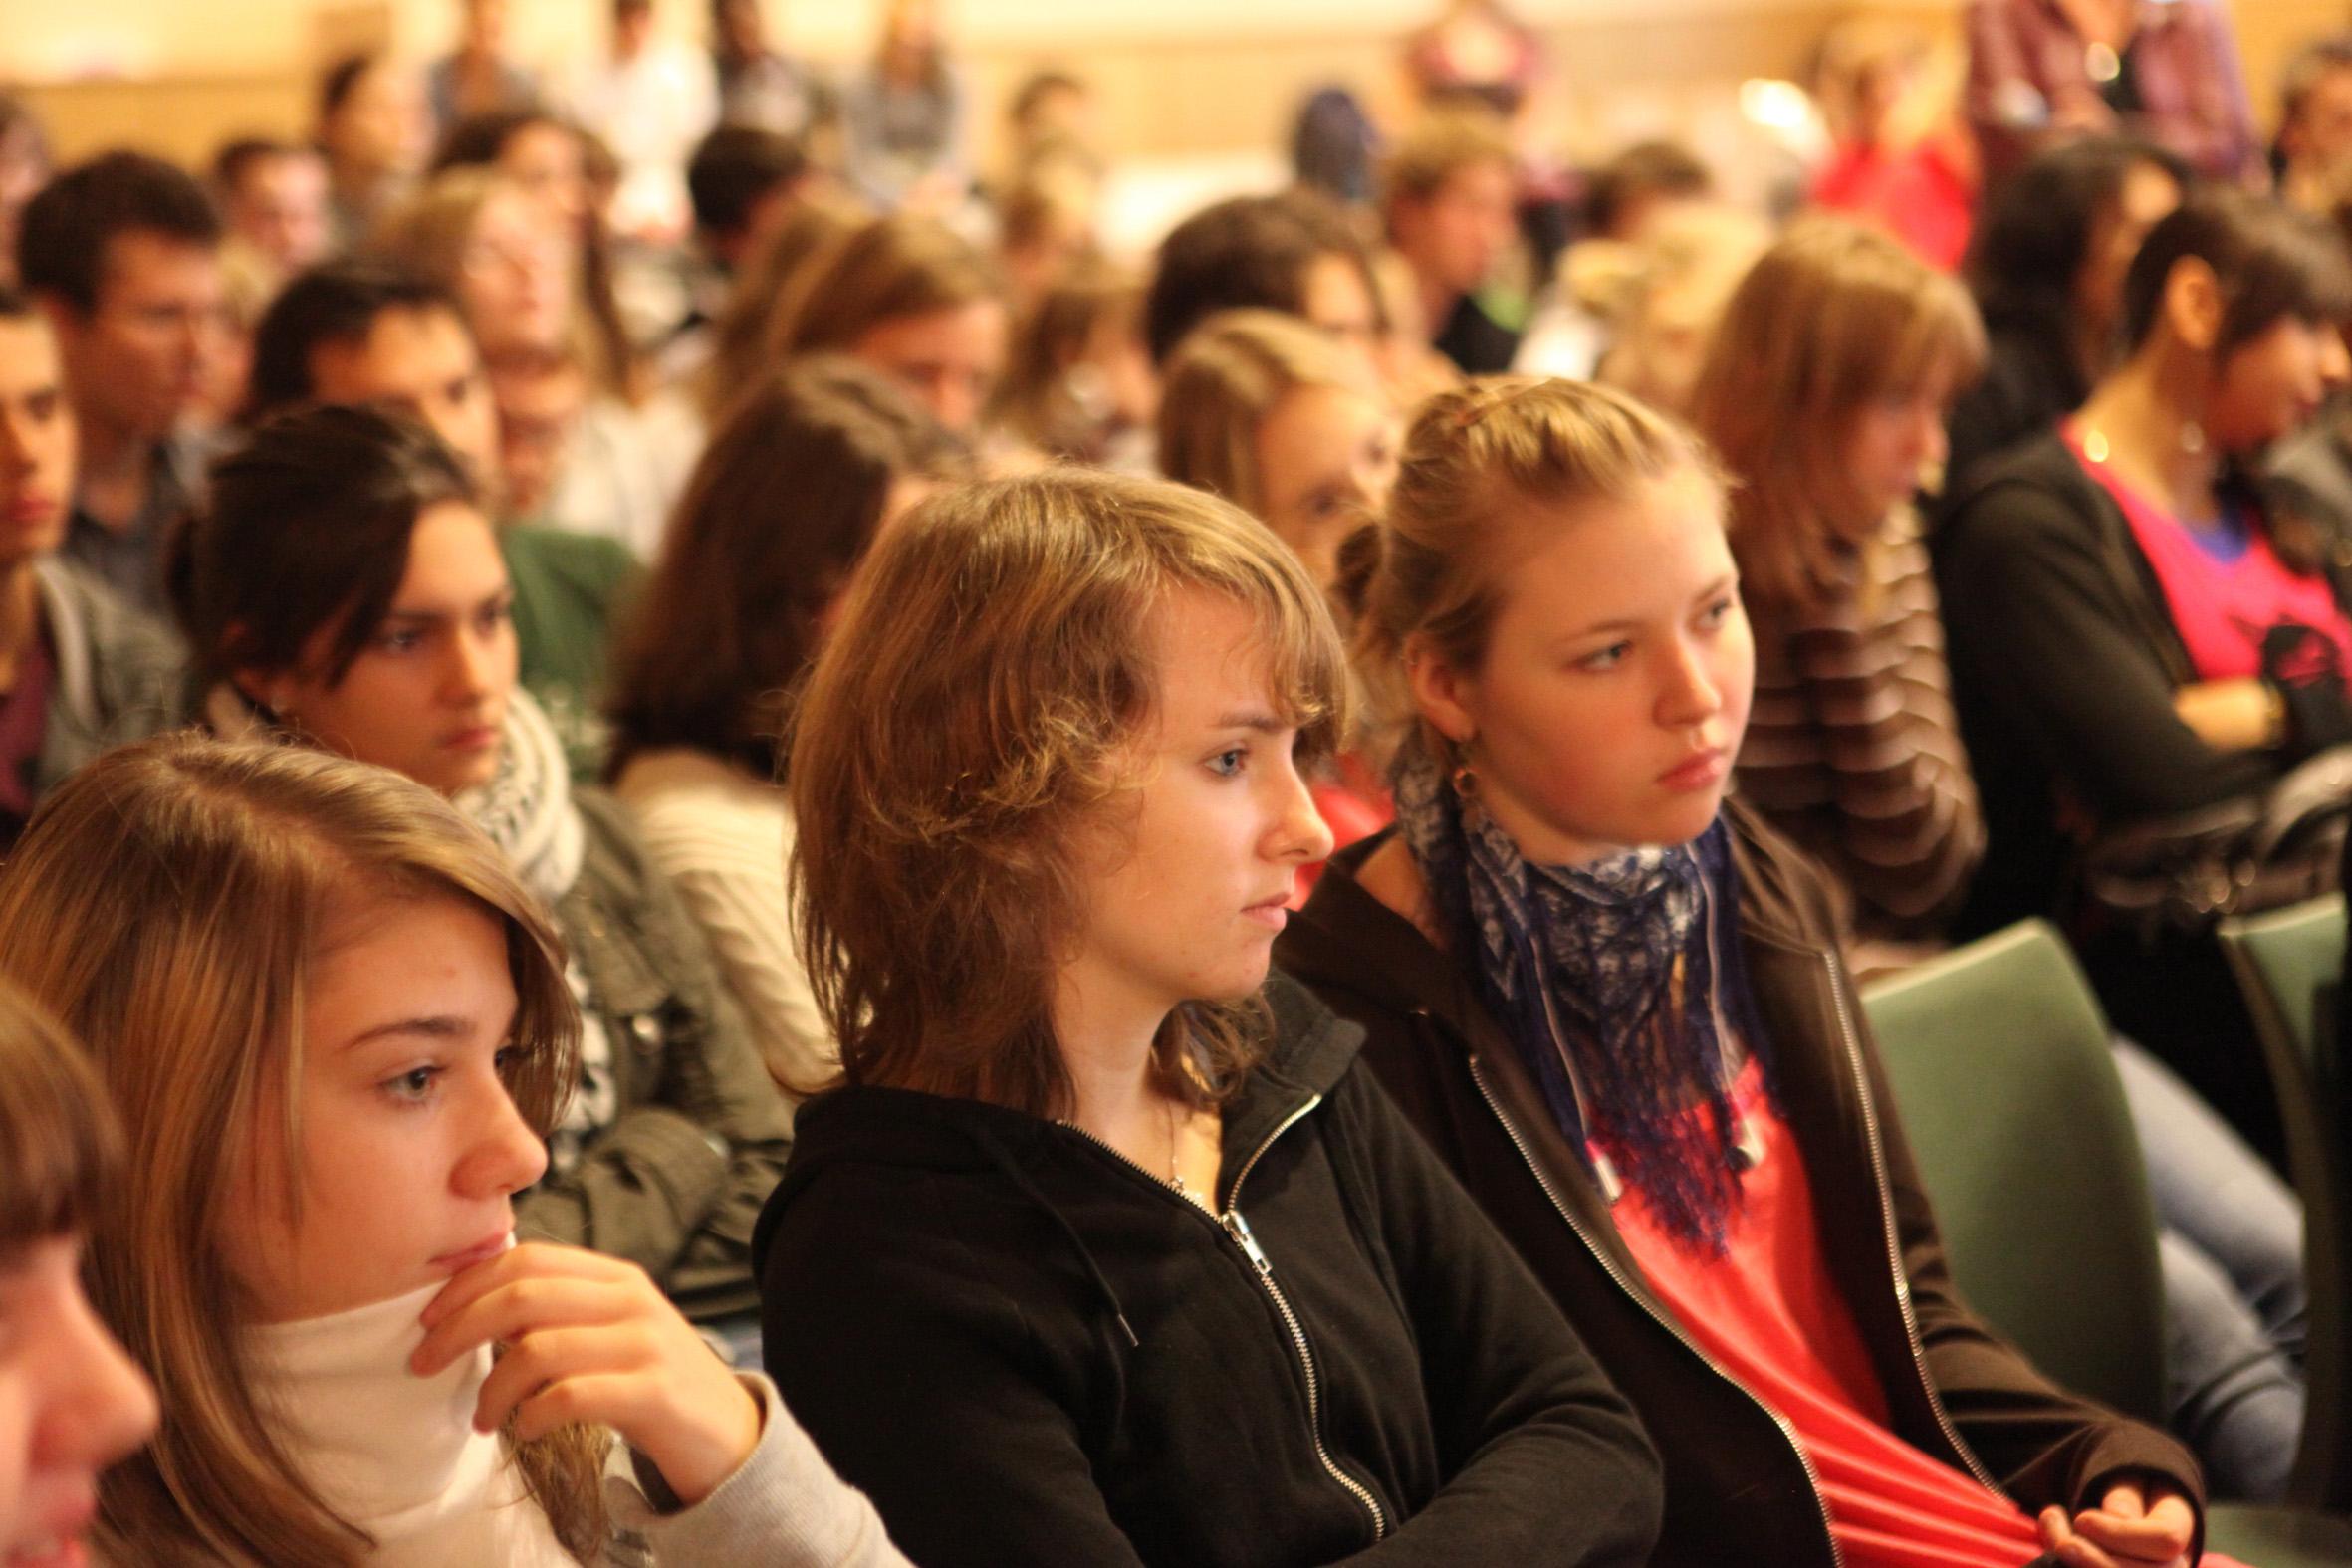 140909_schueler_franziskusschule_berlin.jpg